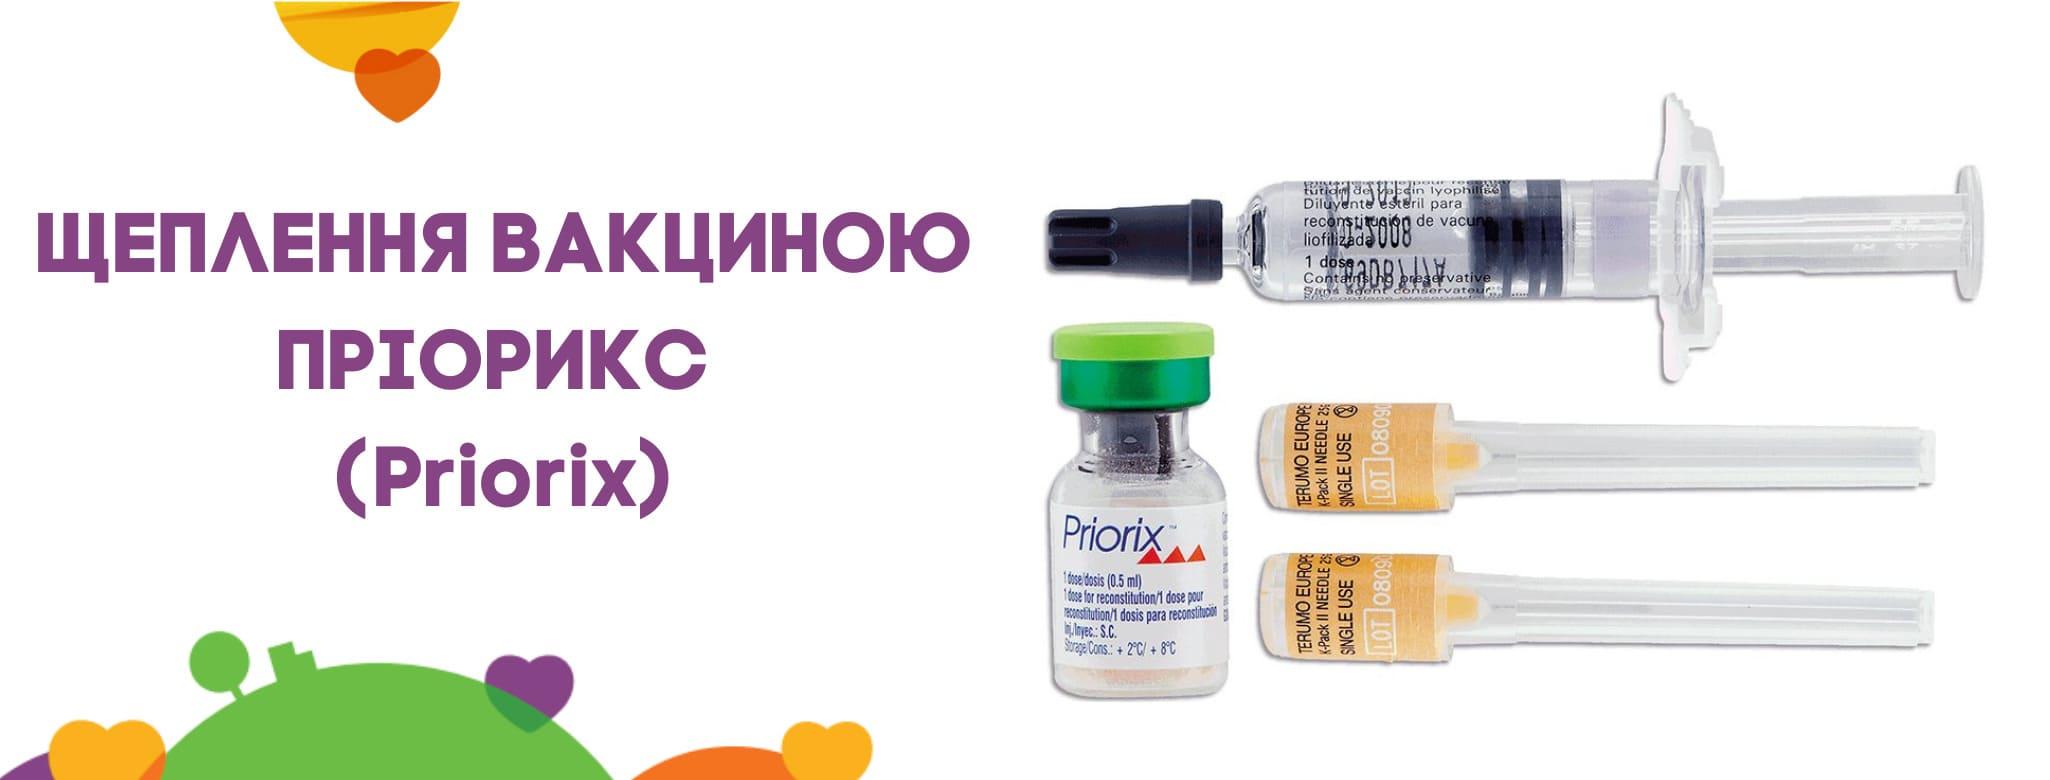 Щеплення вакциною Пріорикс (Priorix)